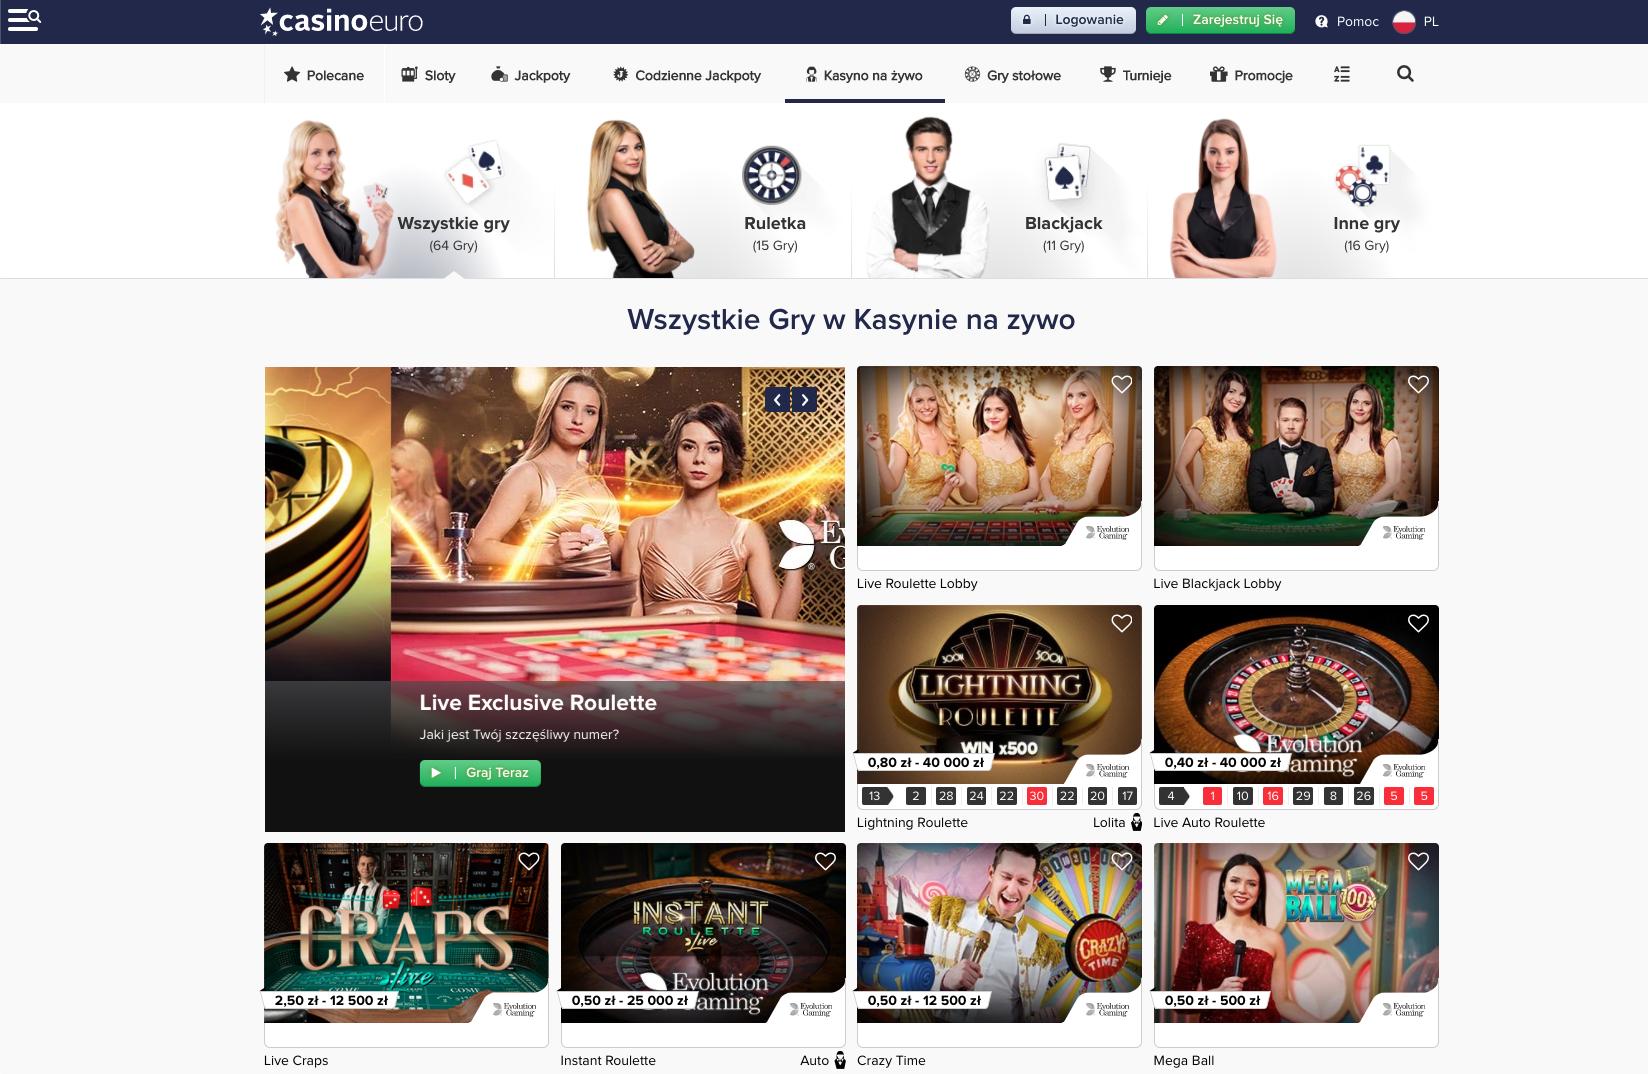 Dowiedz się, jaka oferta powitalna i bonus powitalny czekają Cię w CasinoEuro!